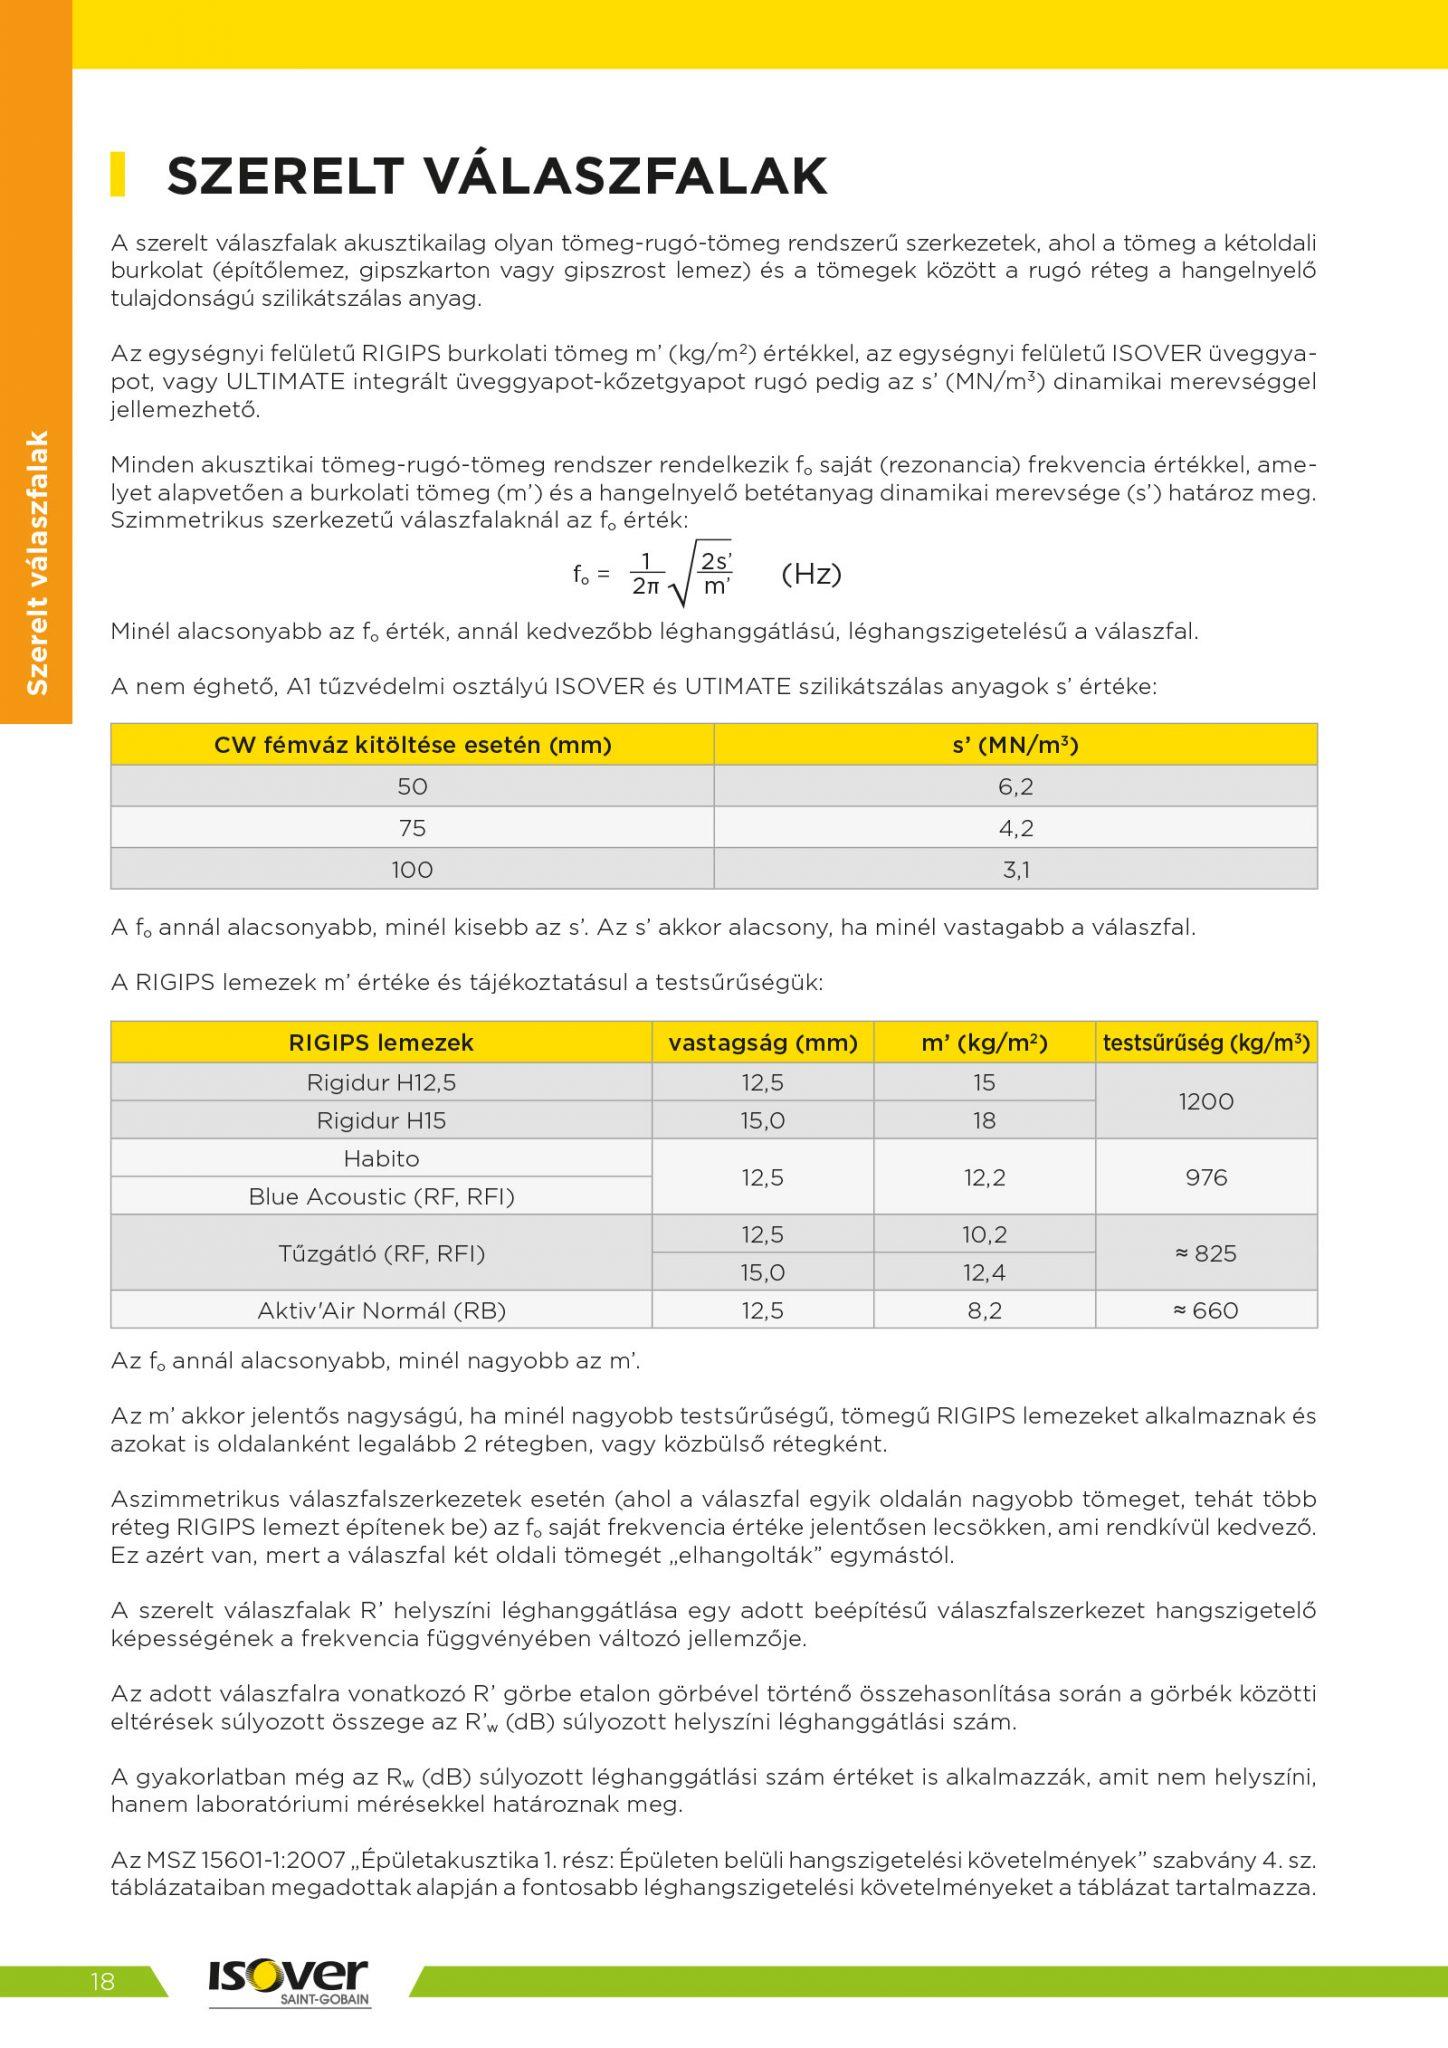 Isover árak 2021 / 18 oldal